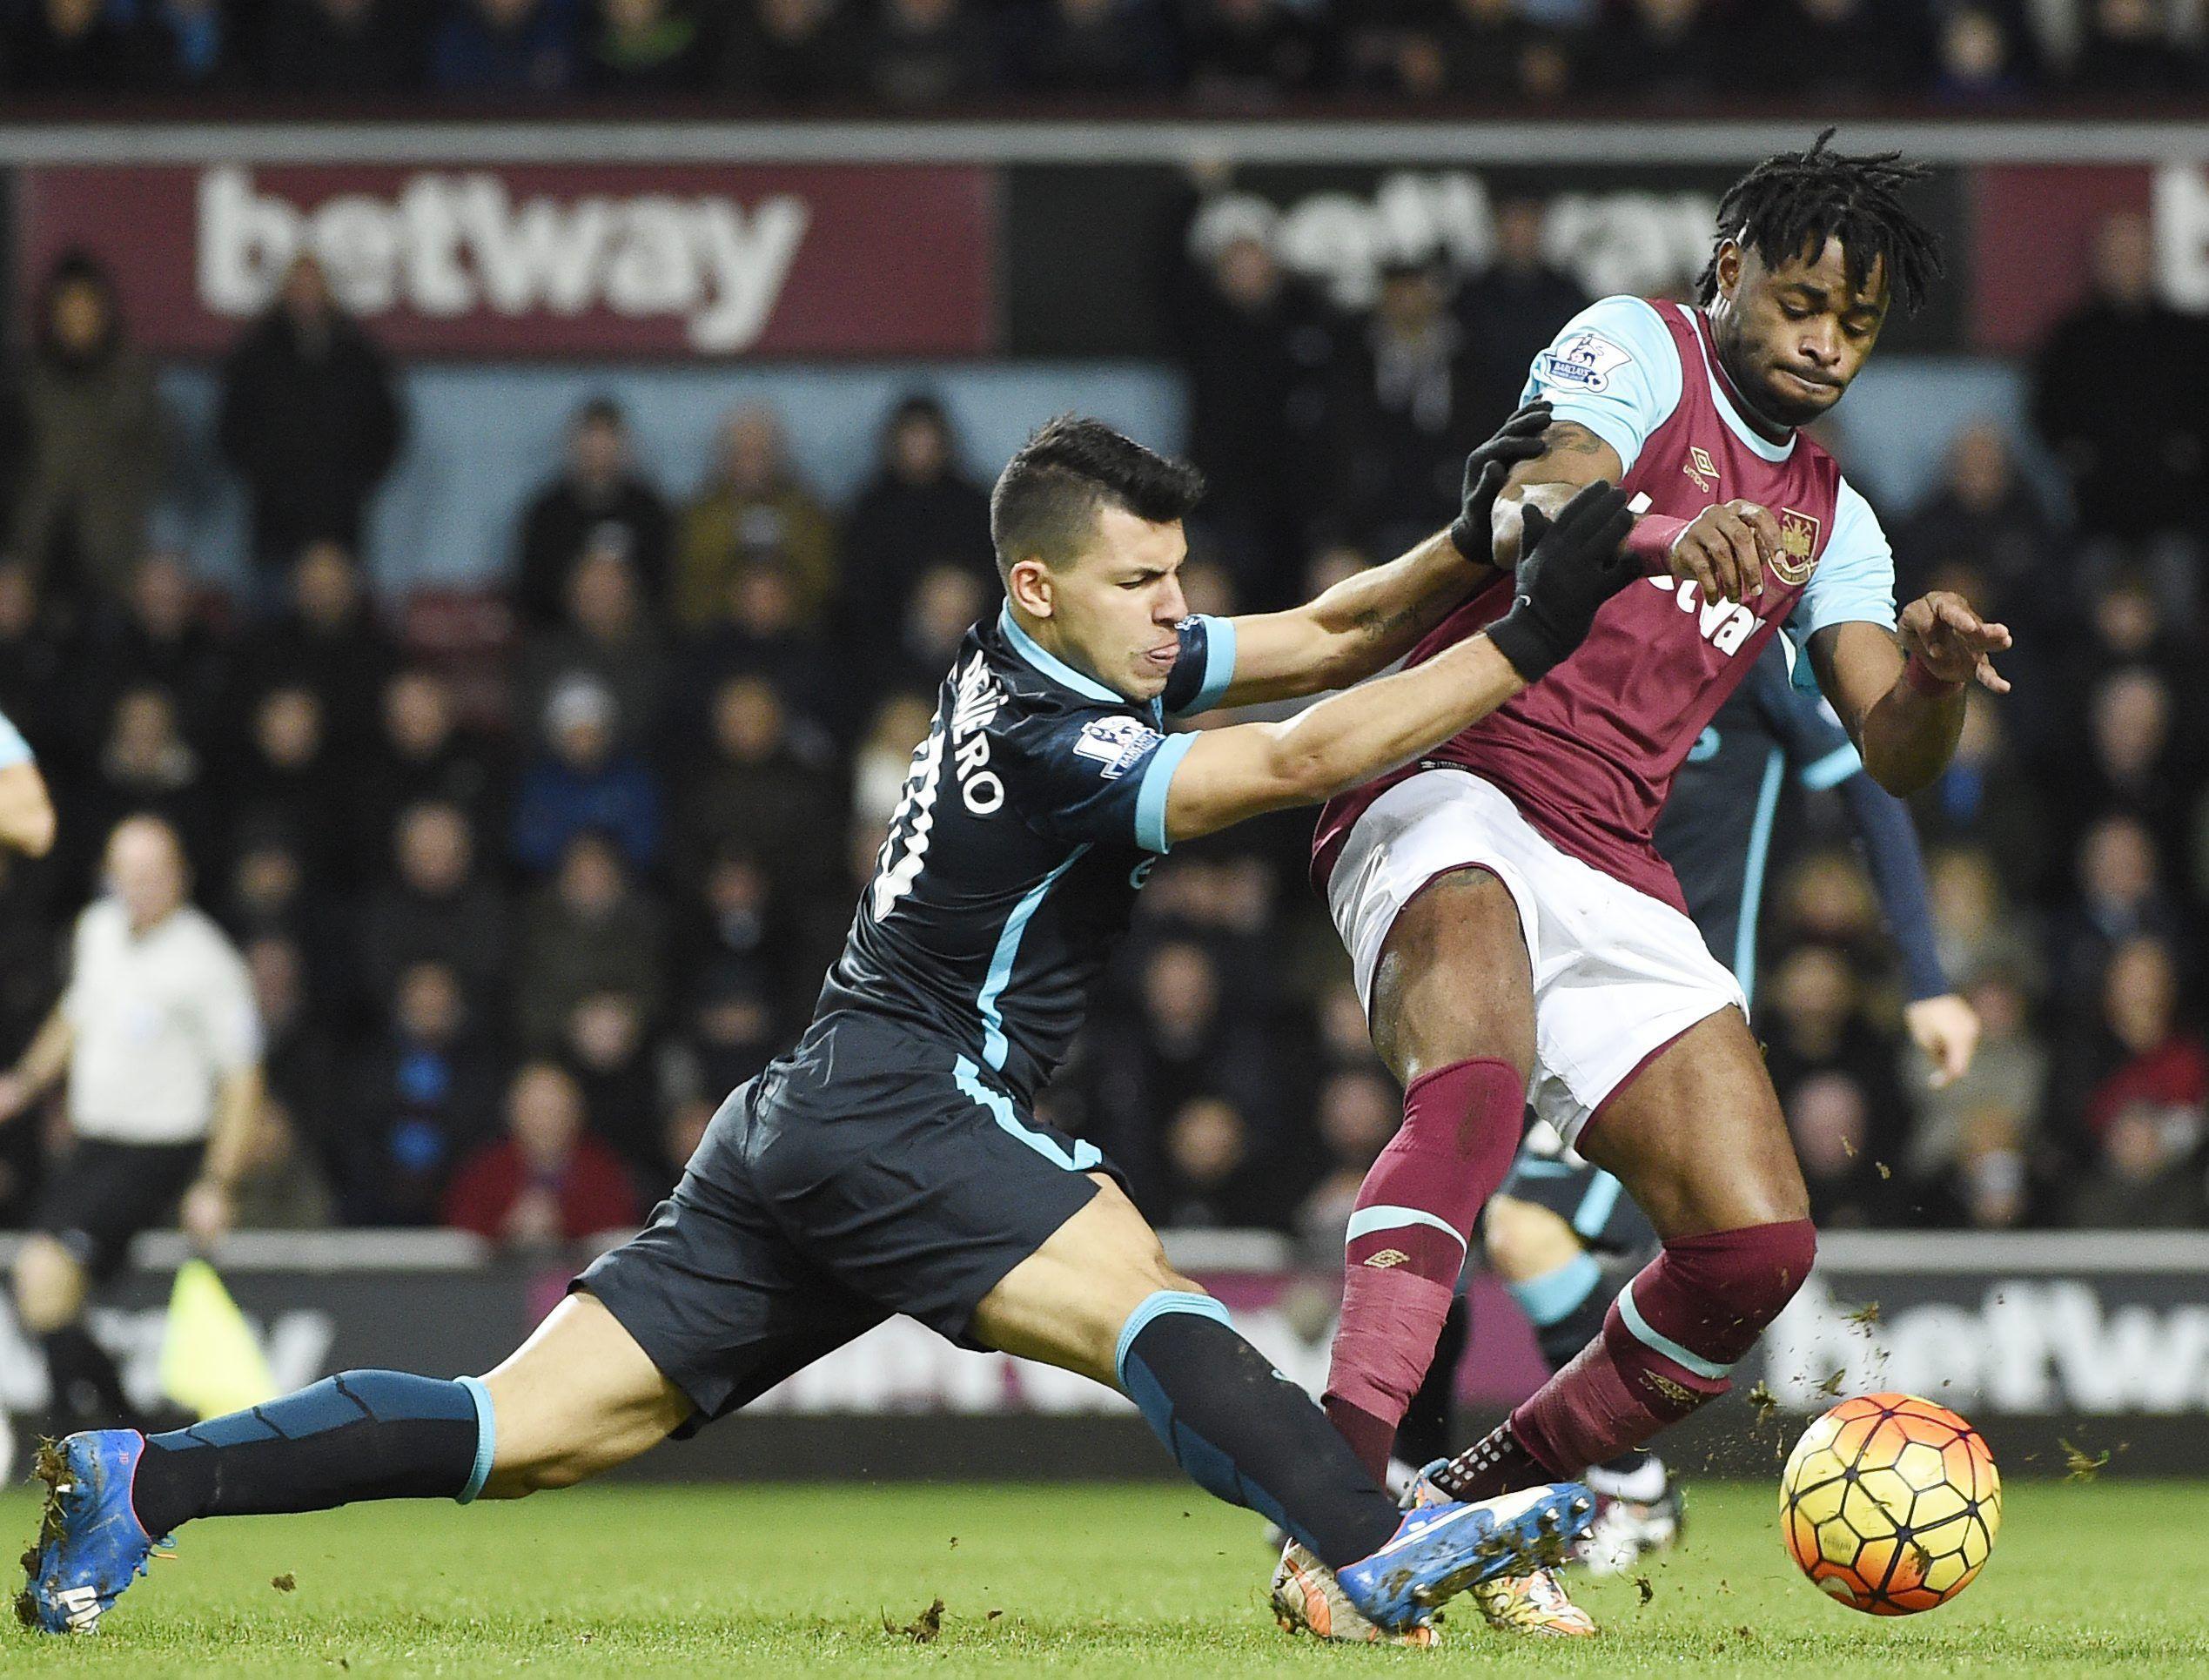 El Kun Agüero hizo dos goles y salvó al Manchester City